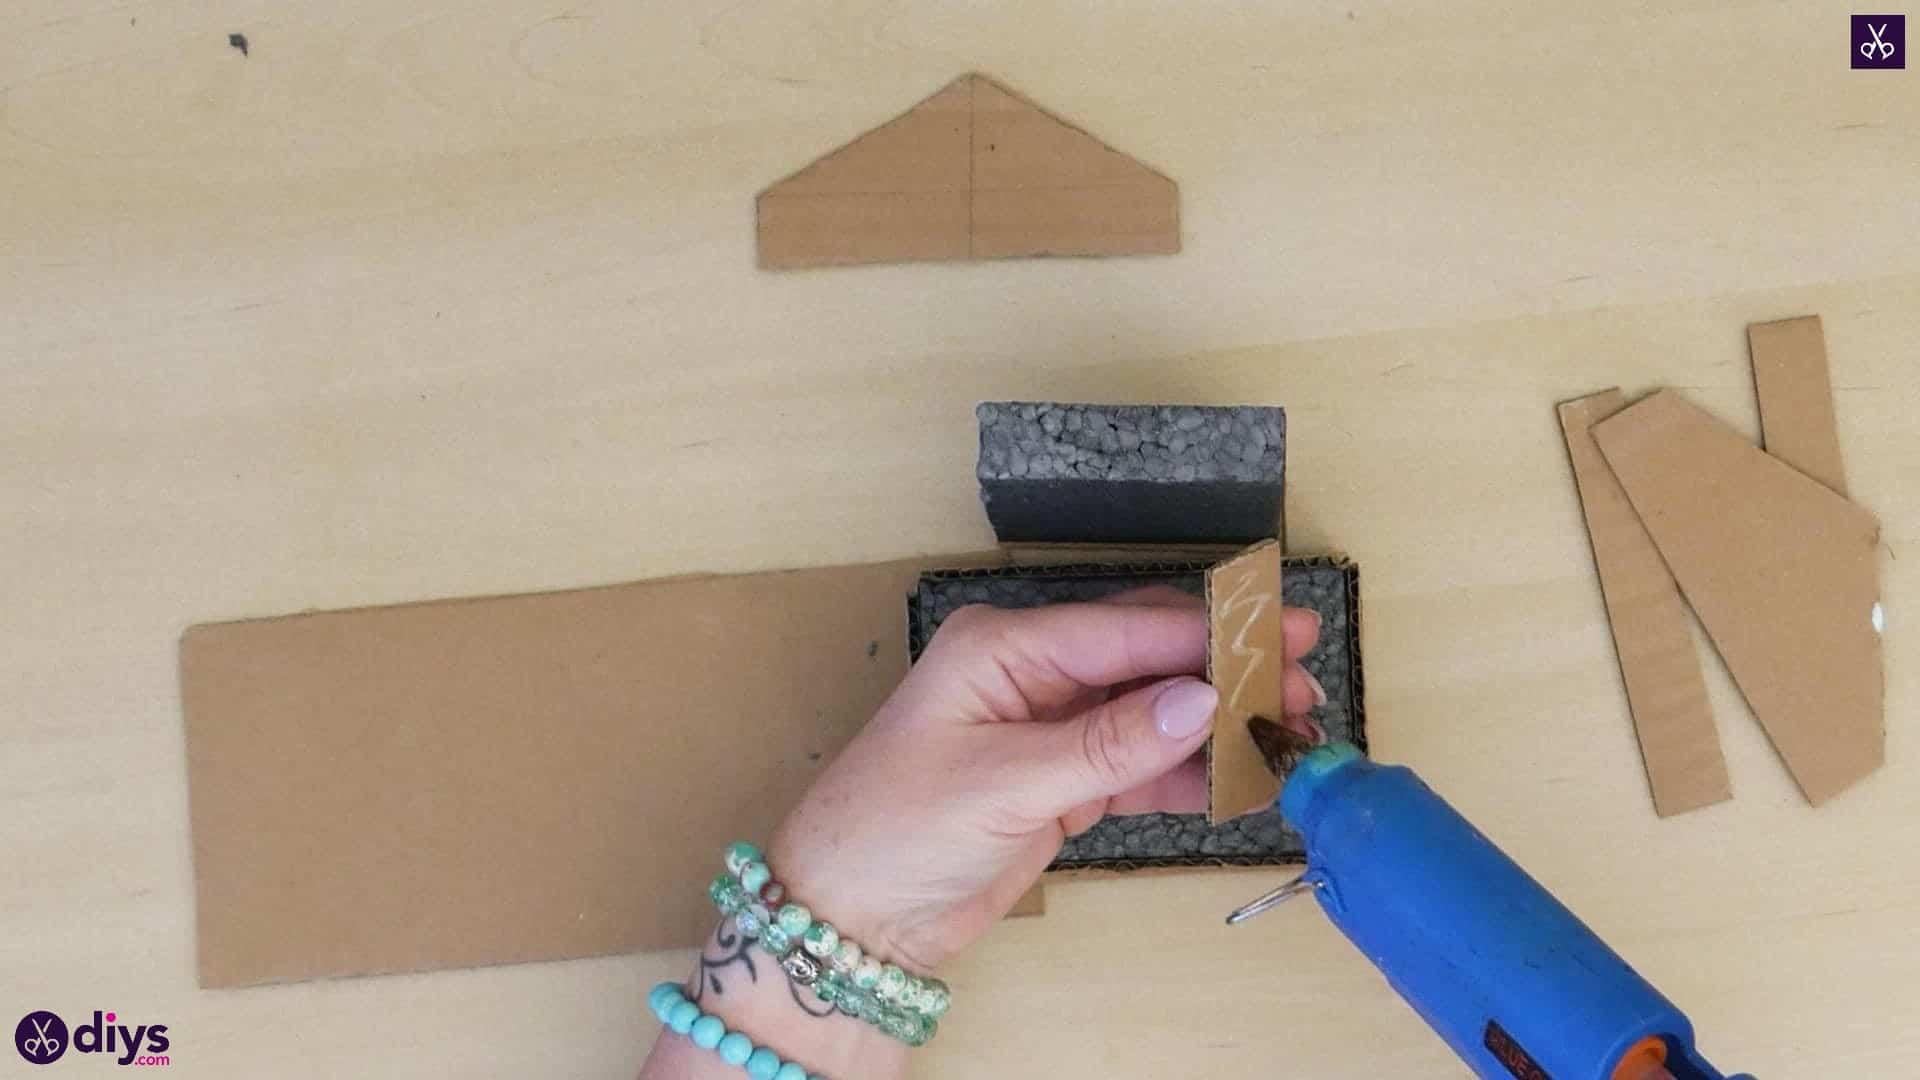 Diy miniature cage centerpiece step 5k